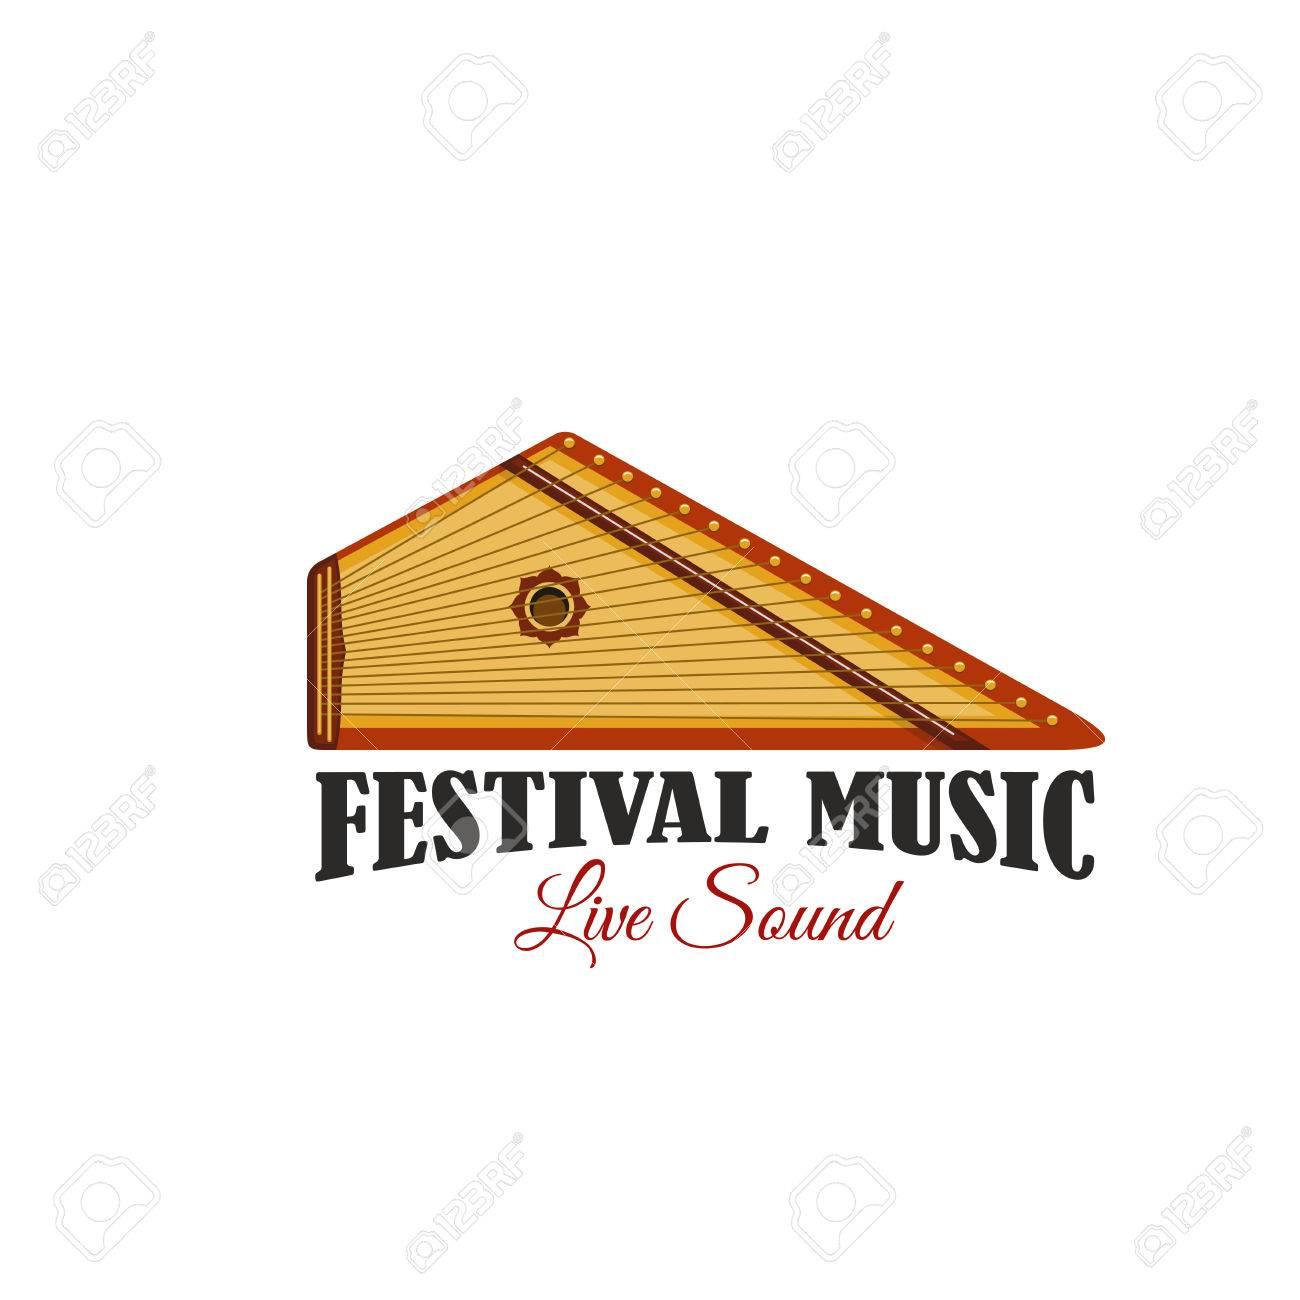 Music festival icon with folk musical instrument live music music festival icon with folk musical instrument live music concert isolated symbol of ethnic stringed buycottarizona Choice Image